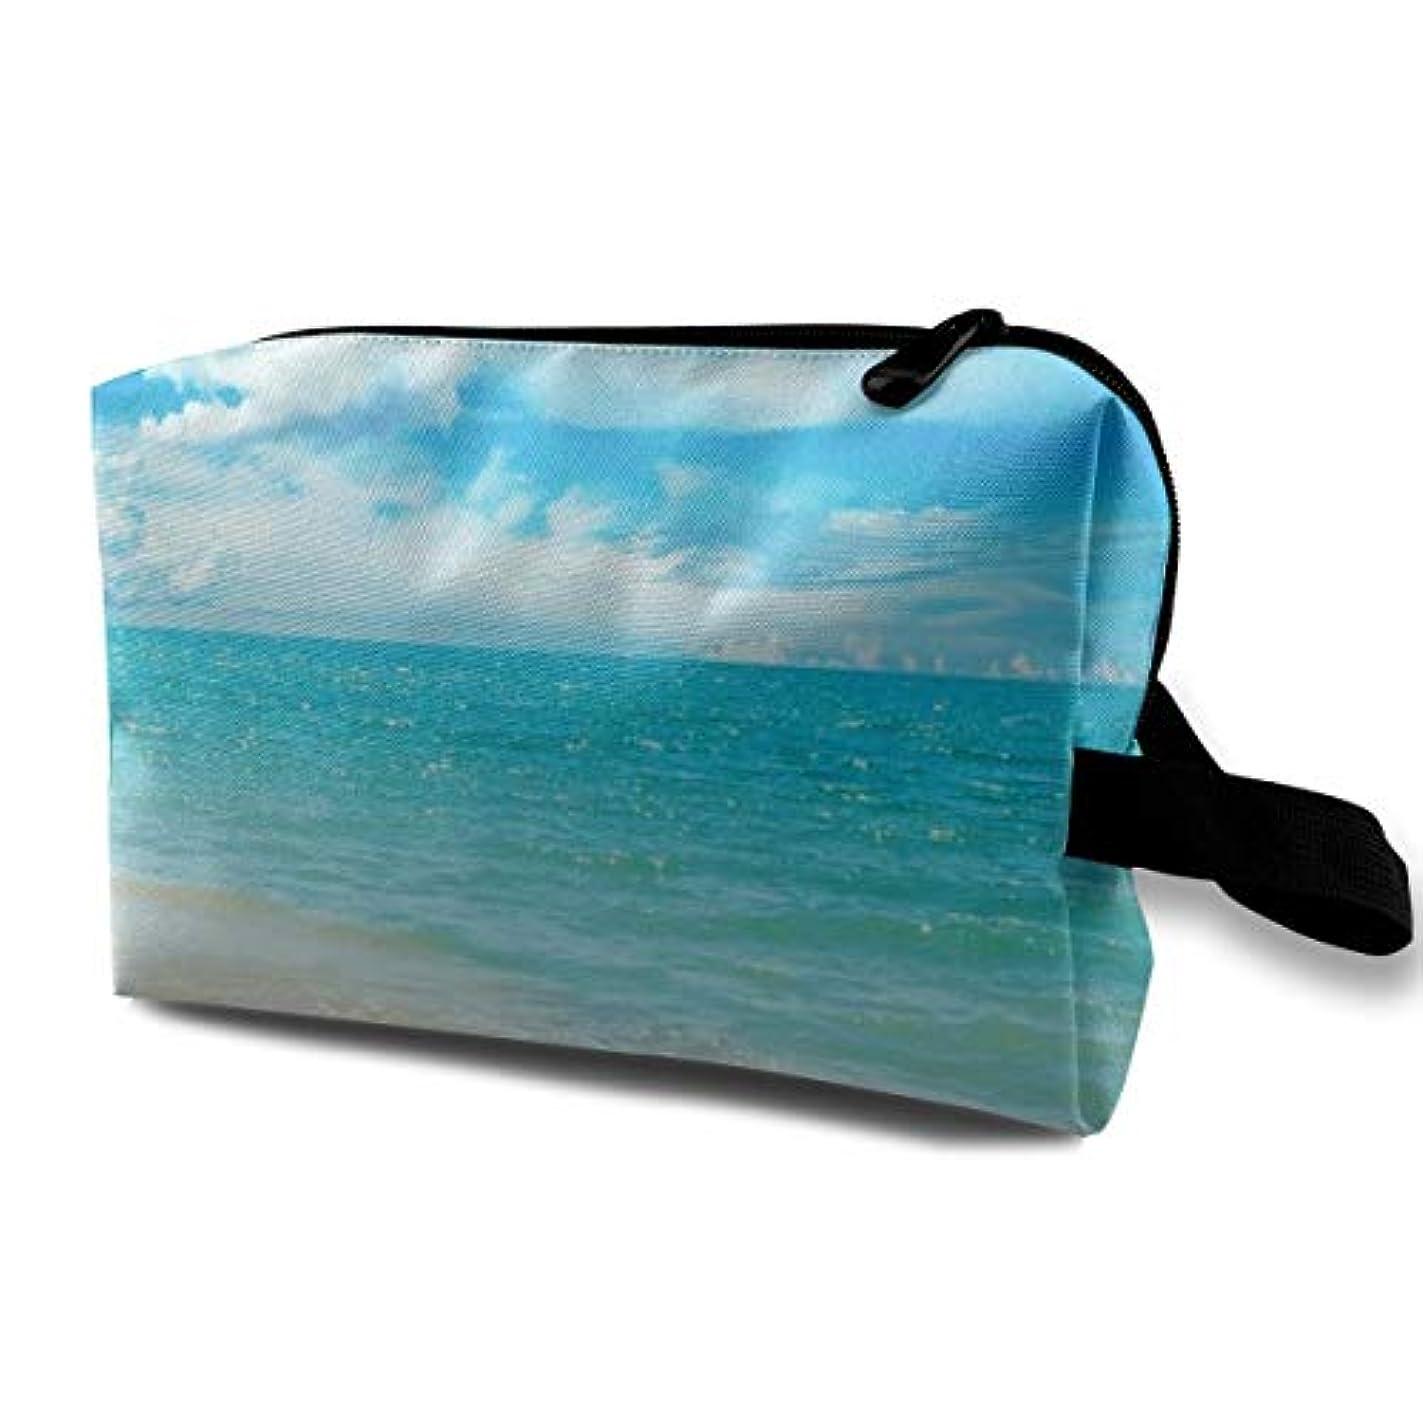 それにもかかわらず高価な誠実Blue Sky And Sea 収納ポーチ 化粧ポーチ 大容量 軽量 耐久性 ハンドル付持ち運び便利。入れ 自宅?出張?旅行?アウトドア撮影などに対応。メンズ レディース トラベルグッズ